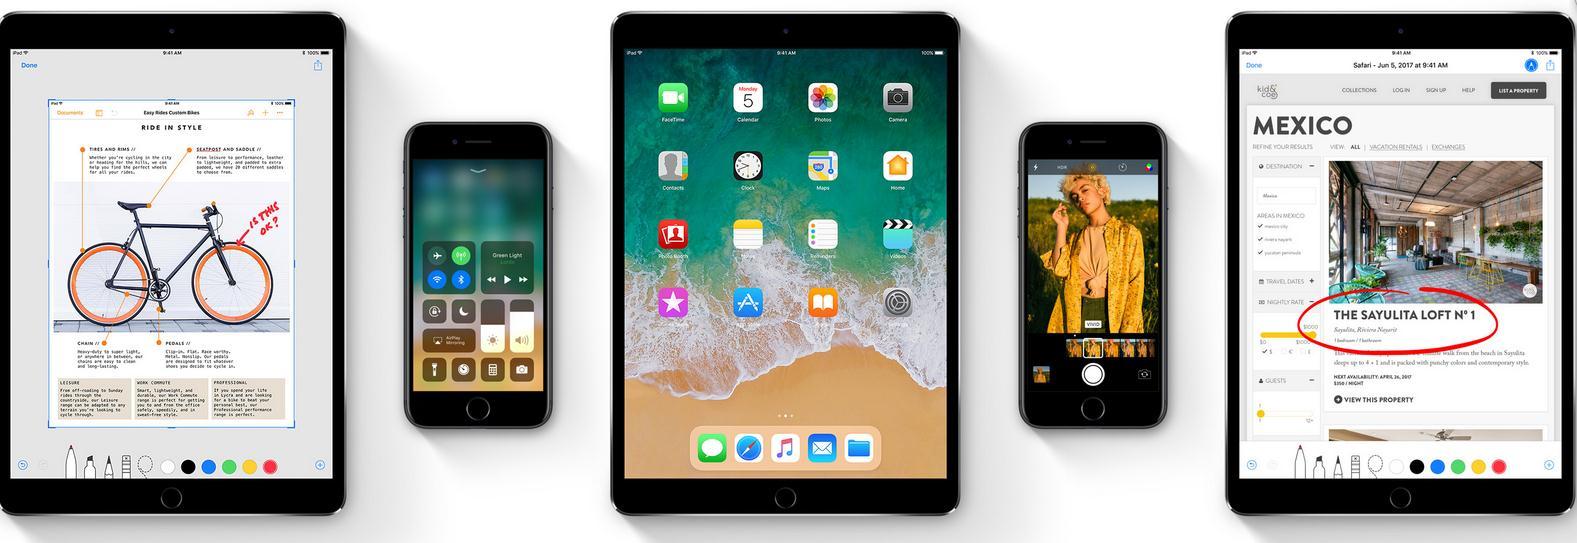 苹果iOS 11被爆光新模式 用户称不会用